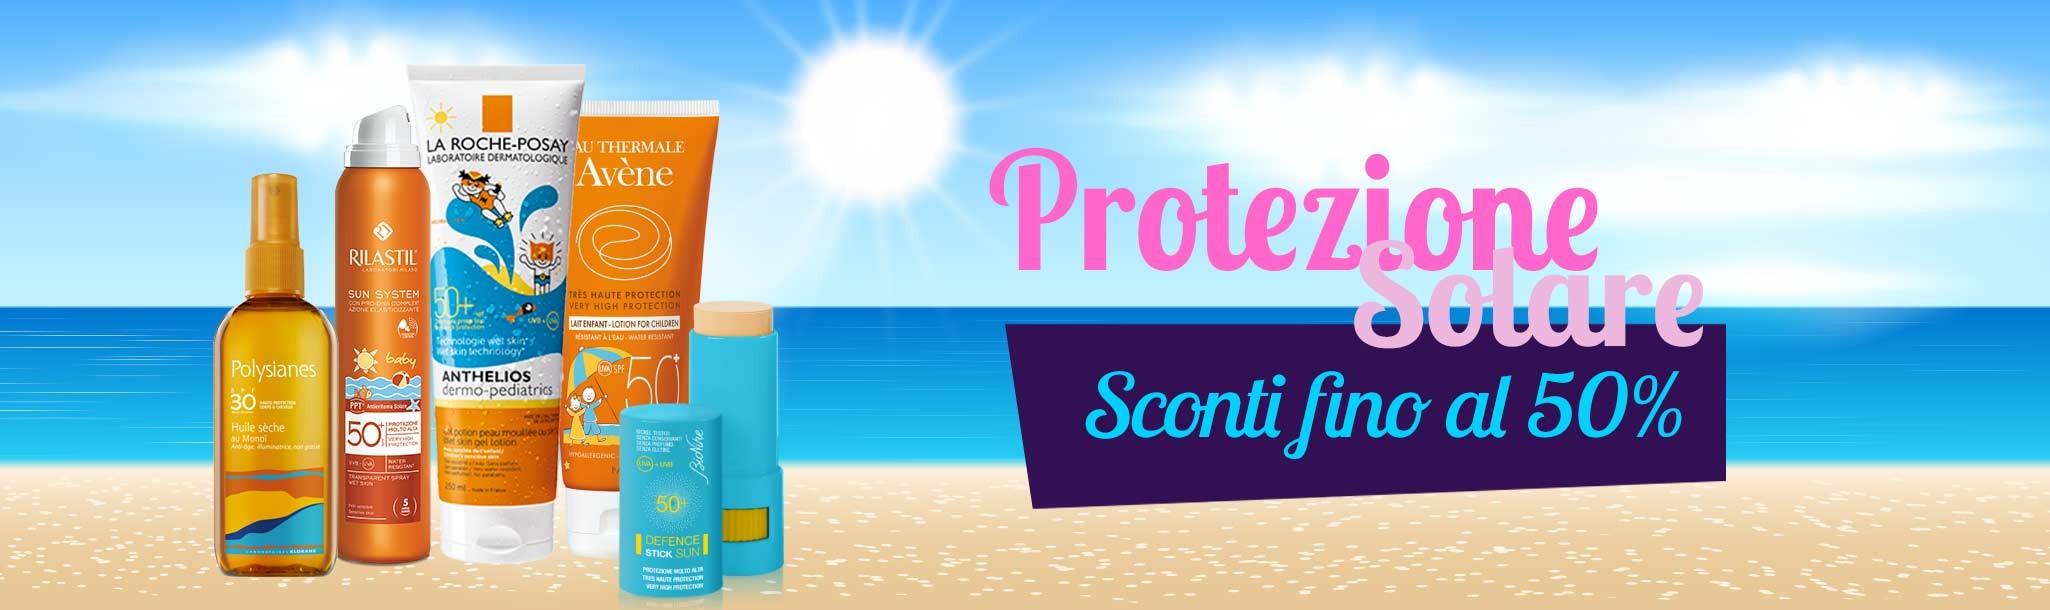 protezione solare bambini in promozione - sconti fino al 50%